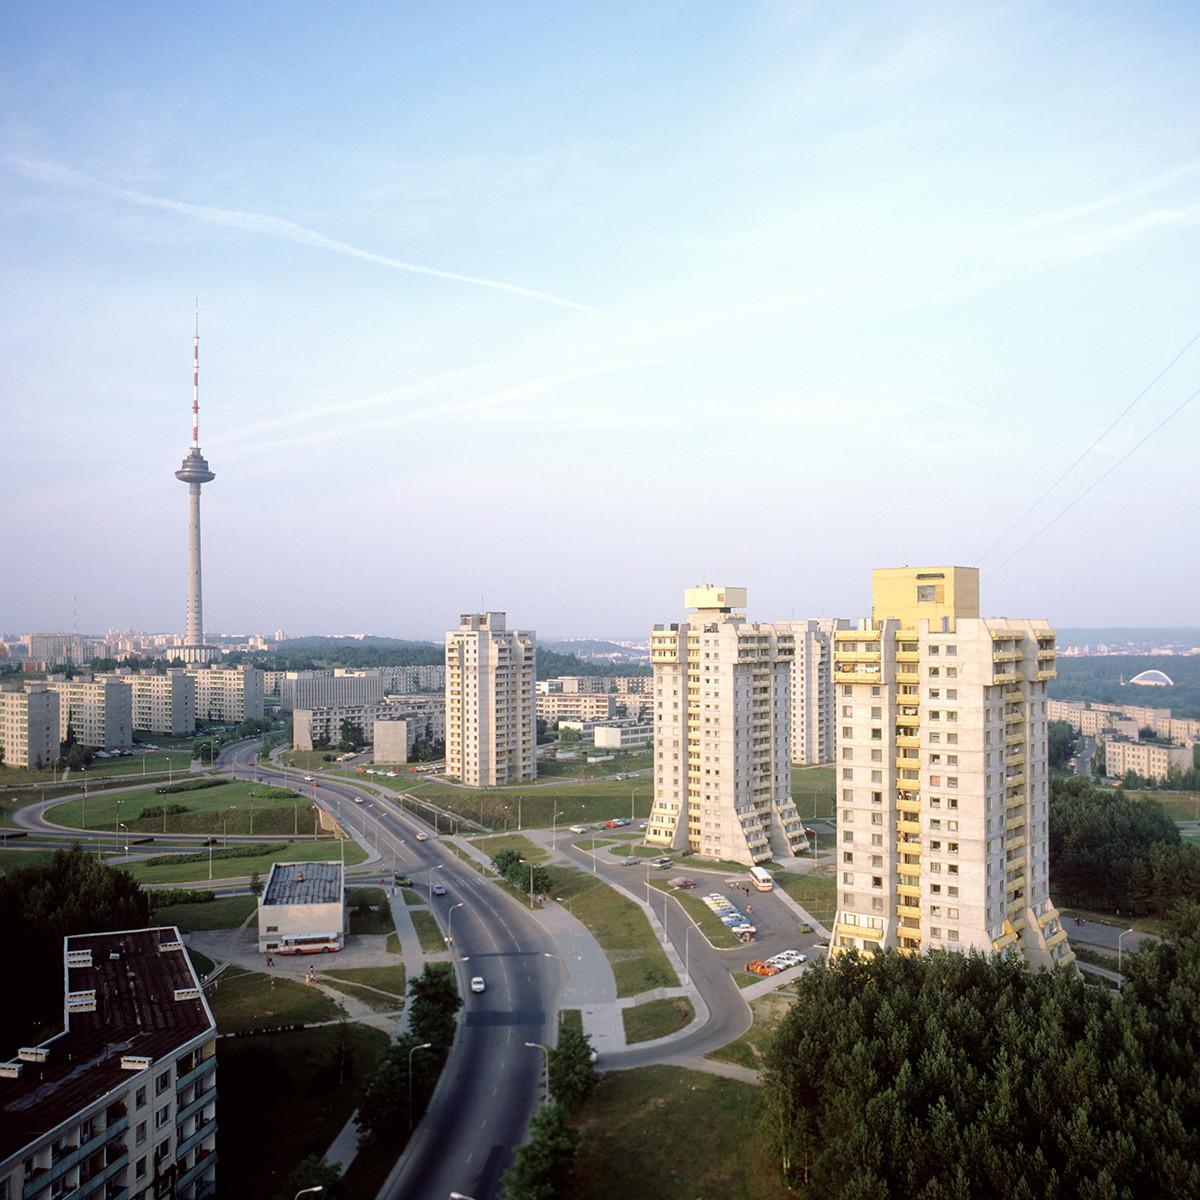 Населбата Лаздинај во Вилнус, 1985 година Литванска ССР.